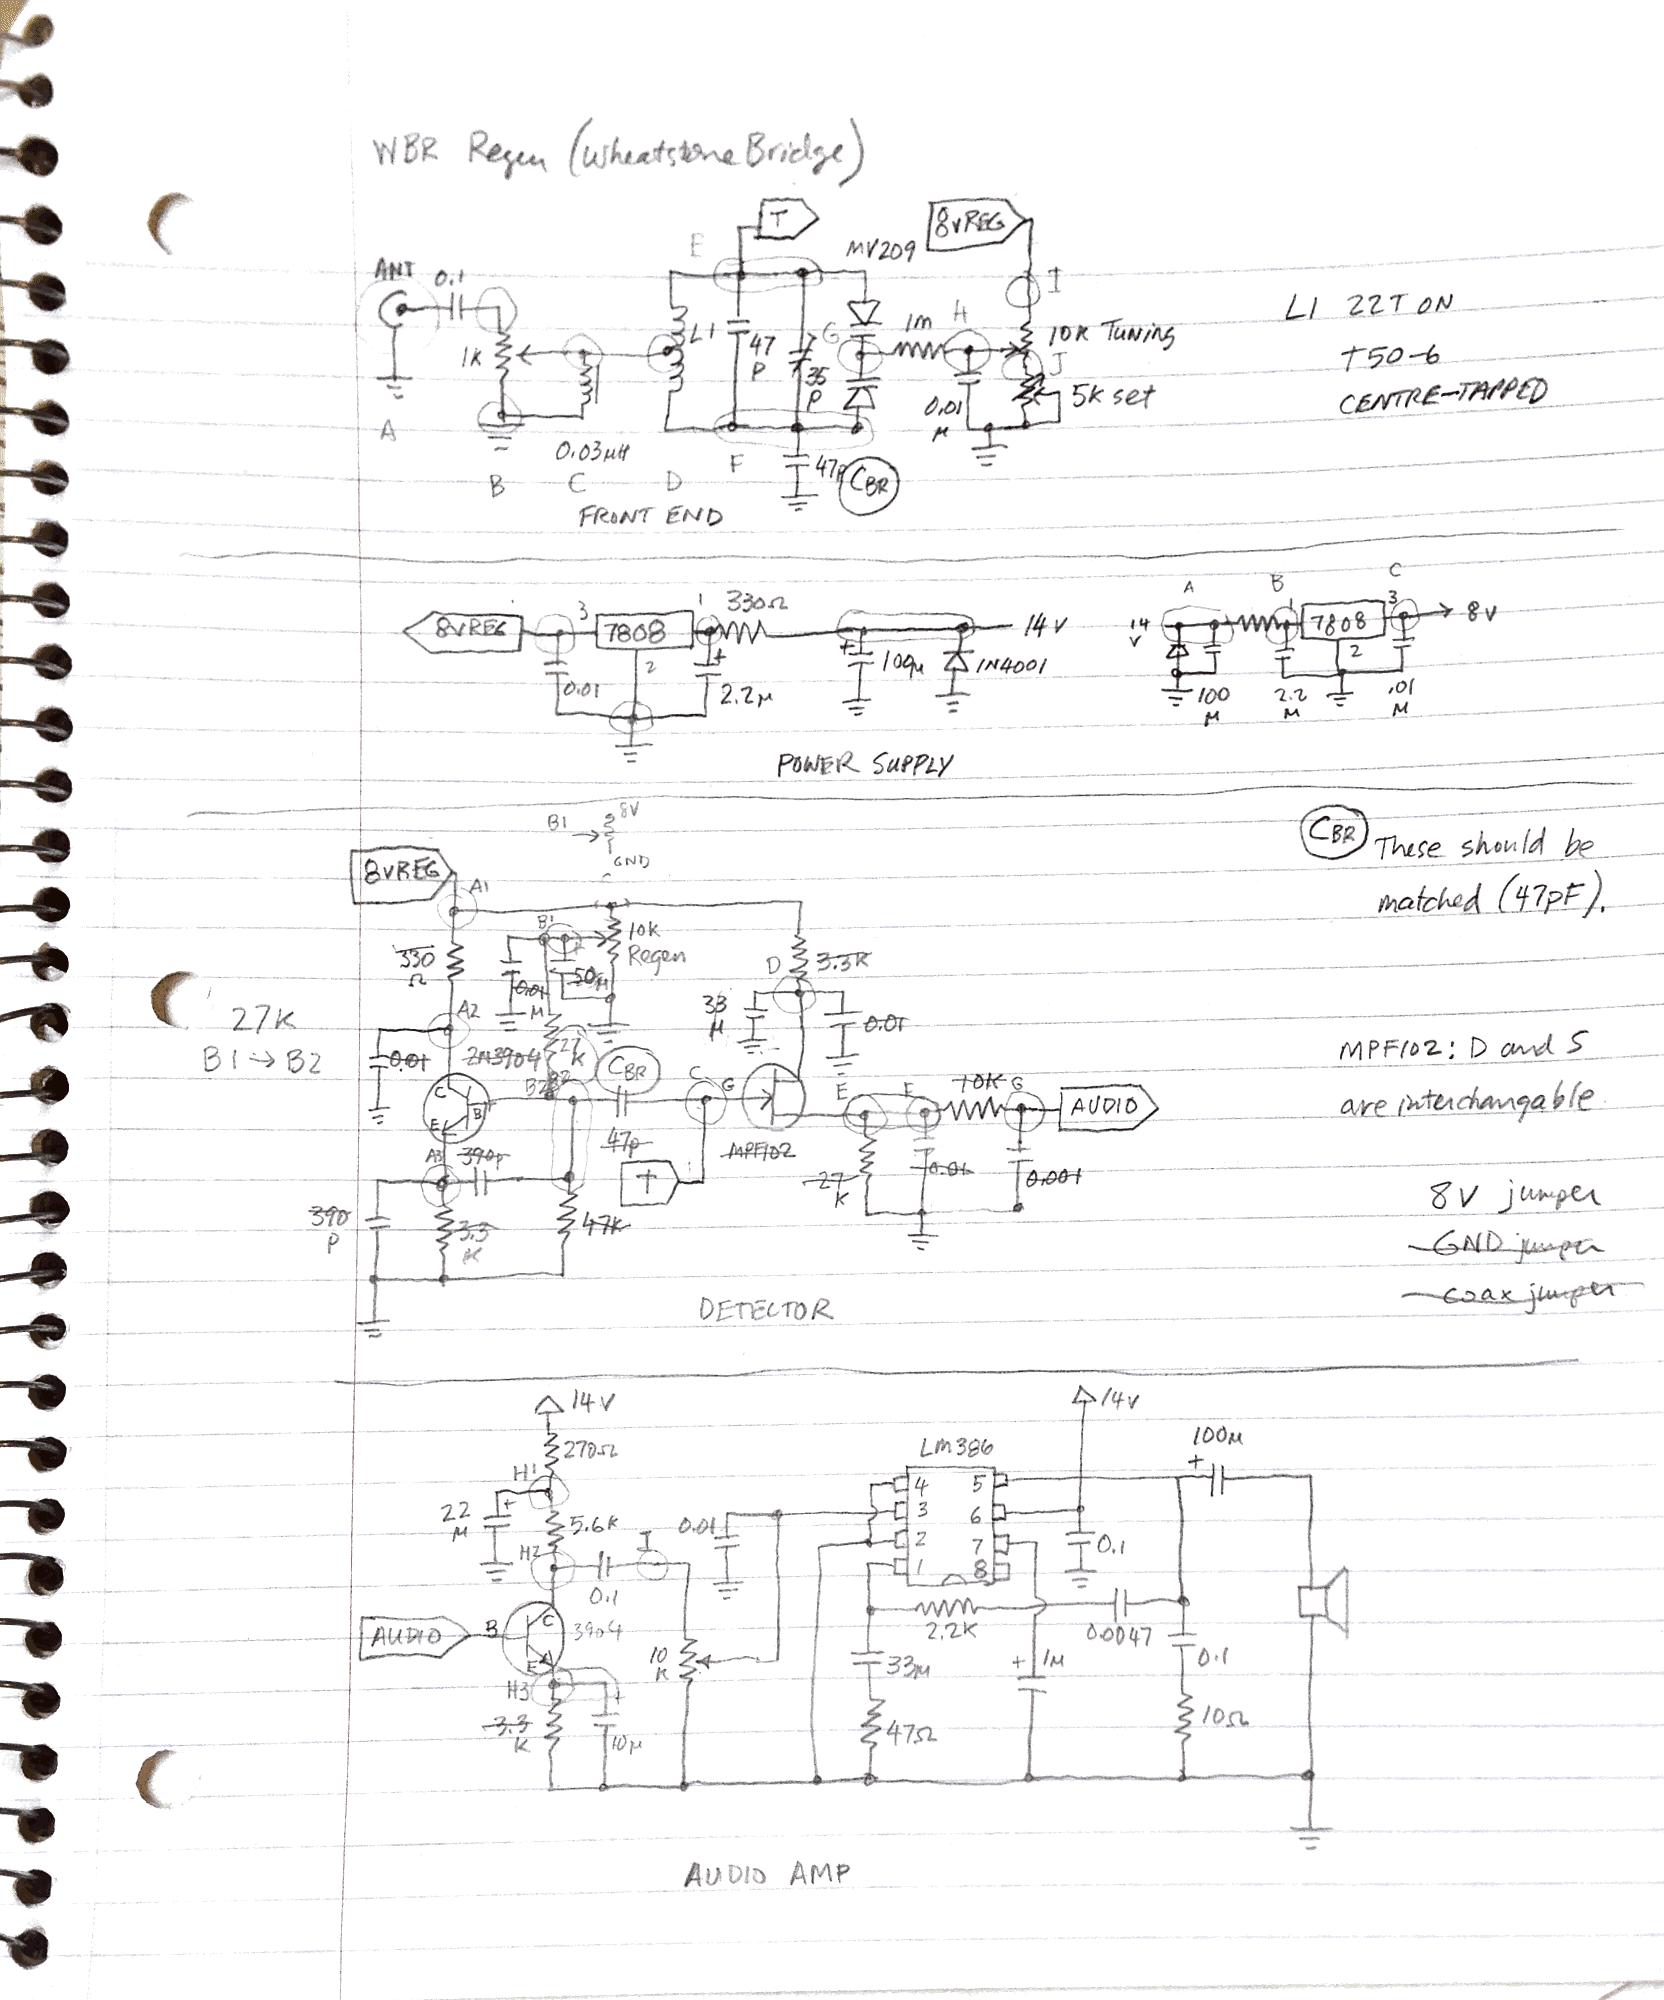 WBR regen schematic